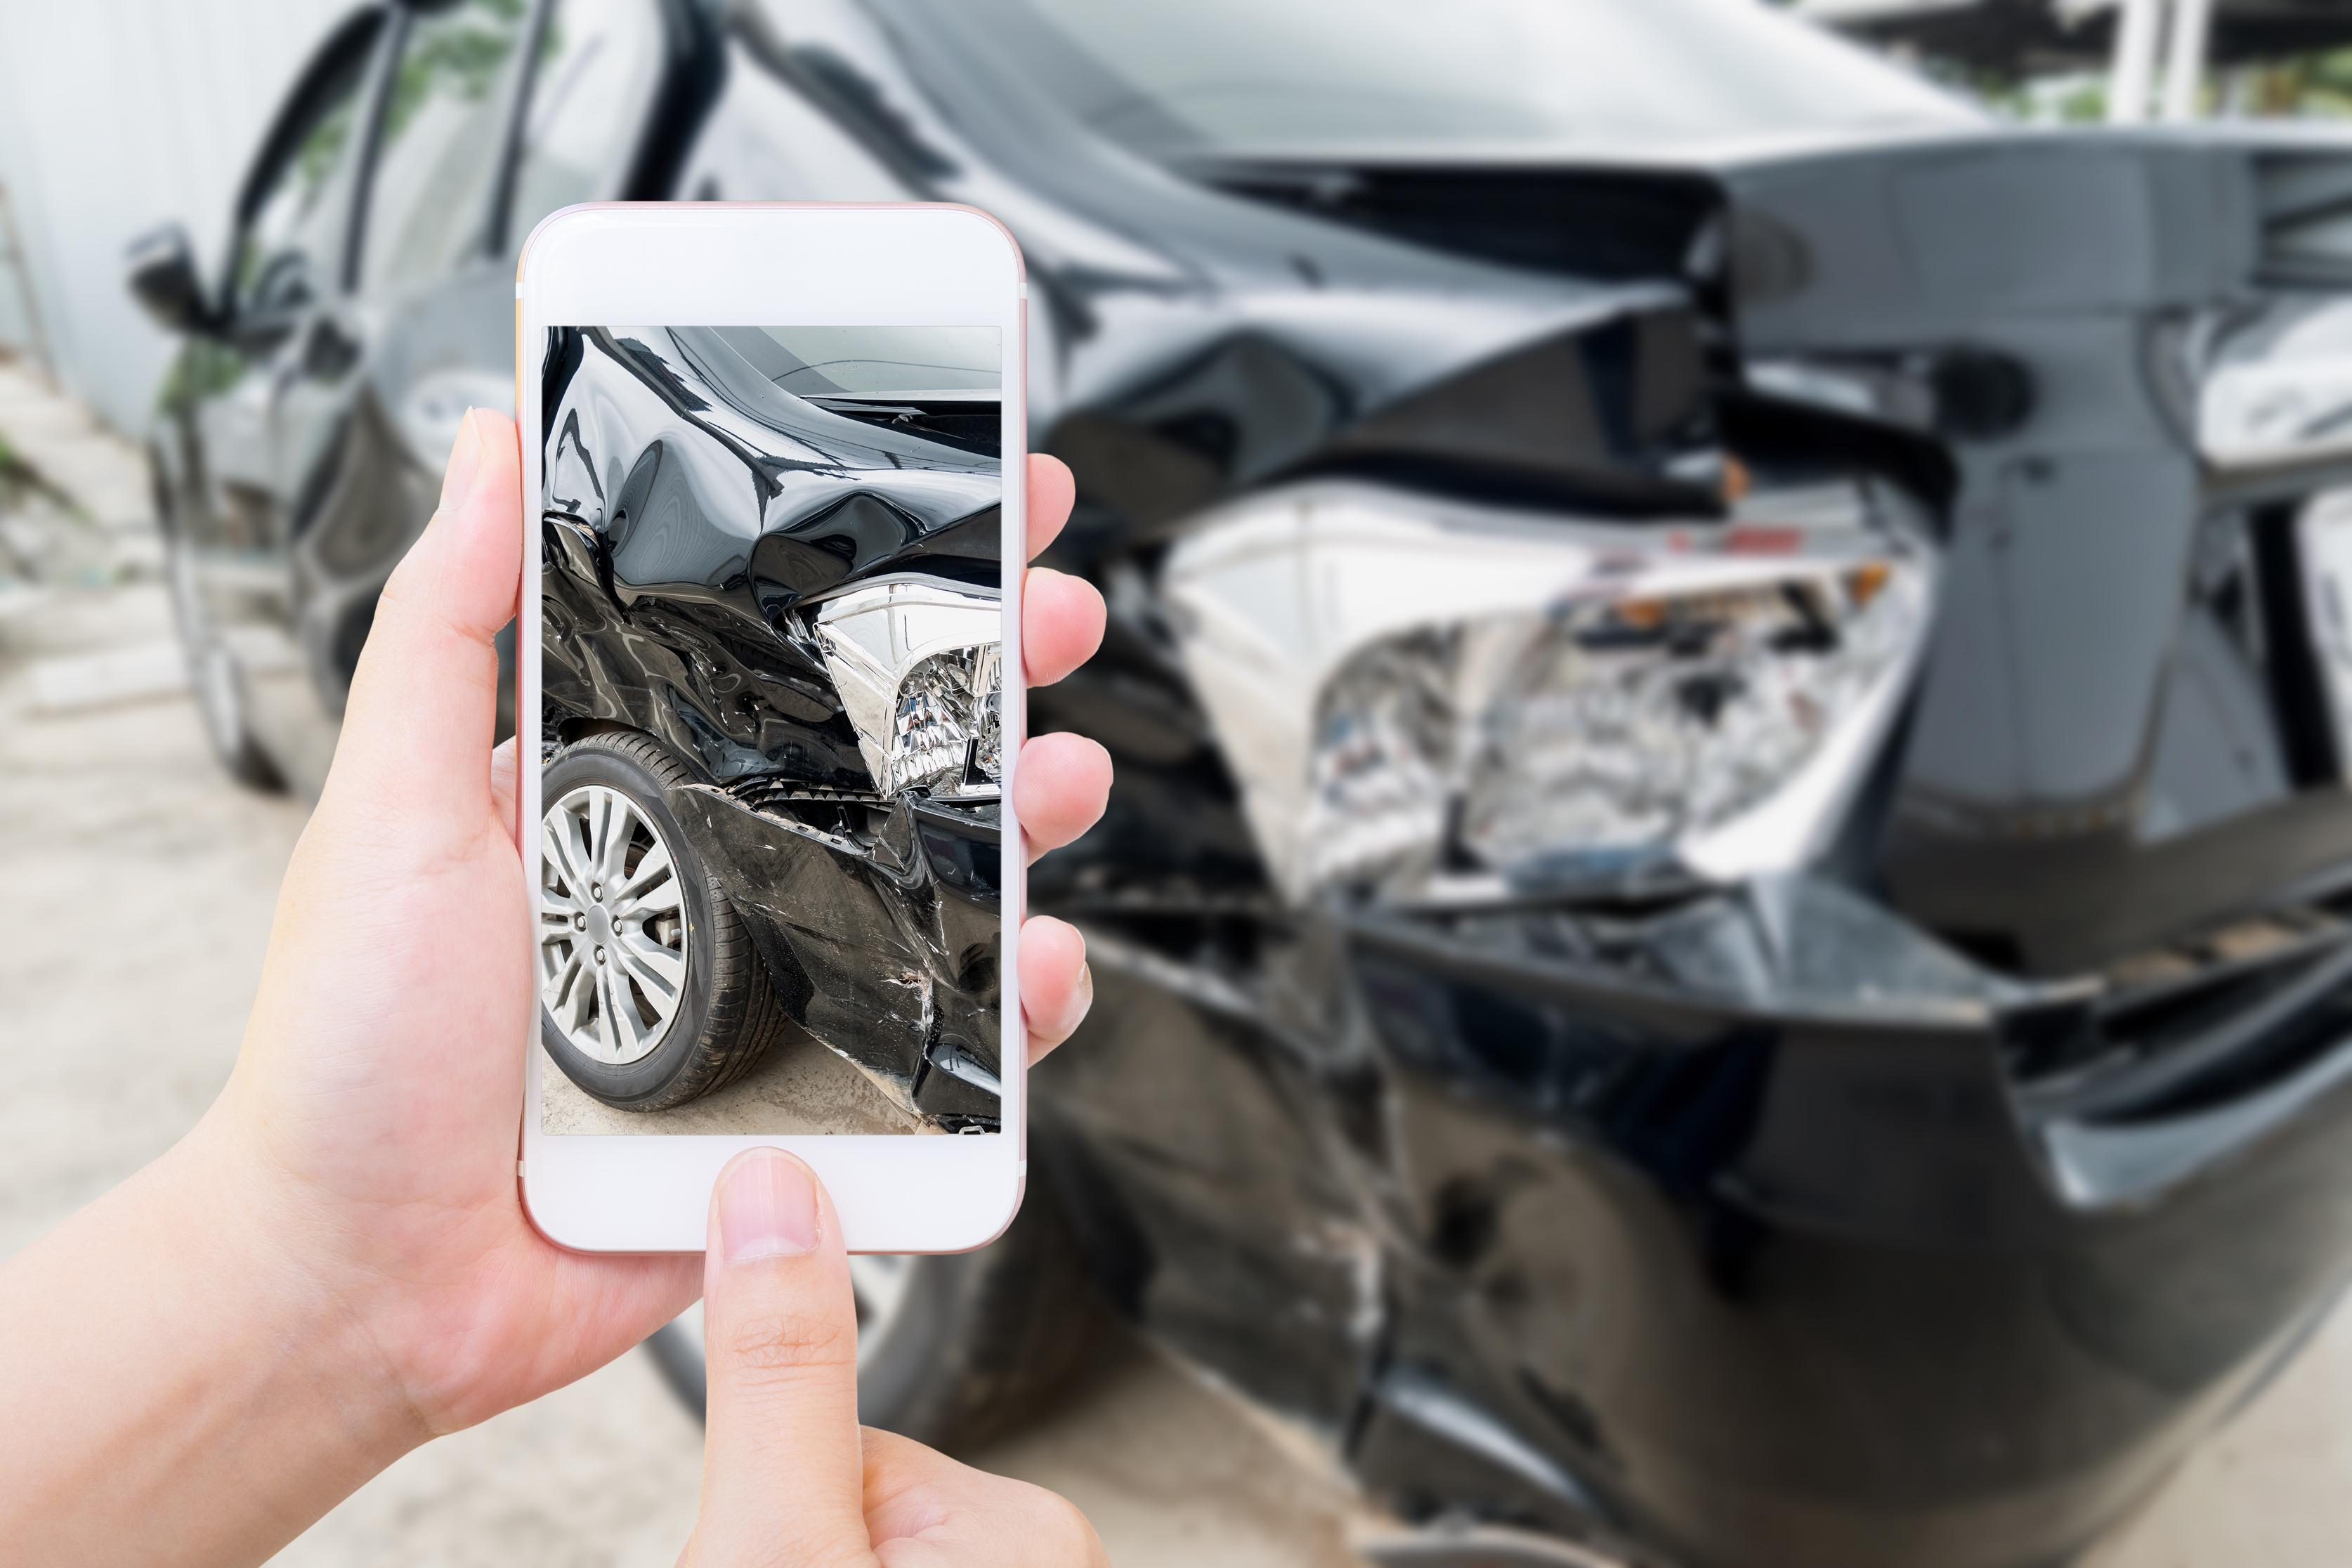 foto-telefono-movil-accidente-auto